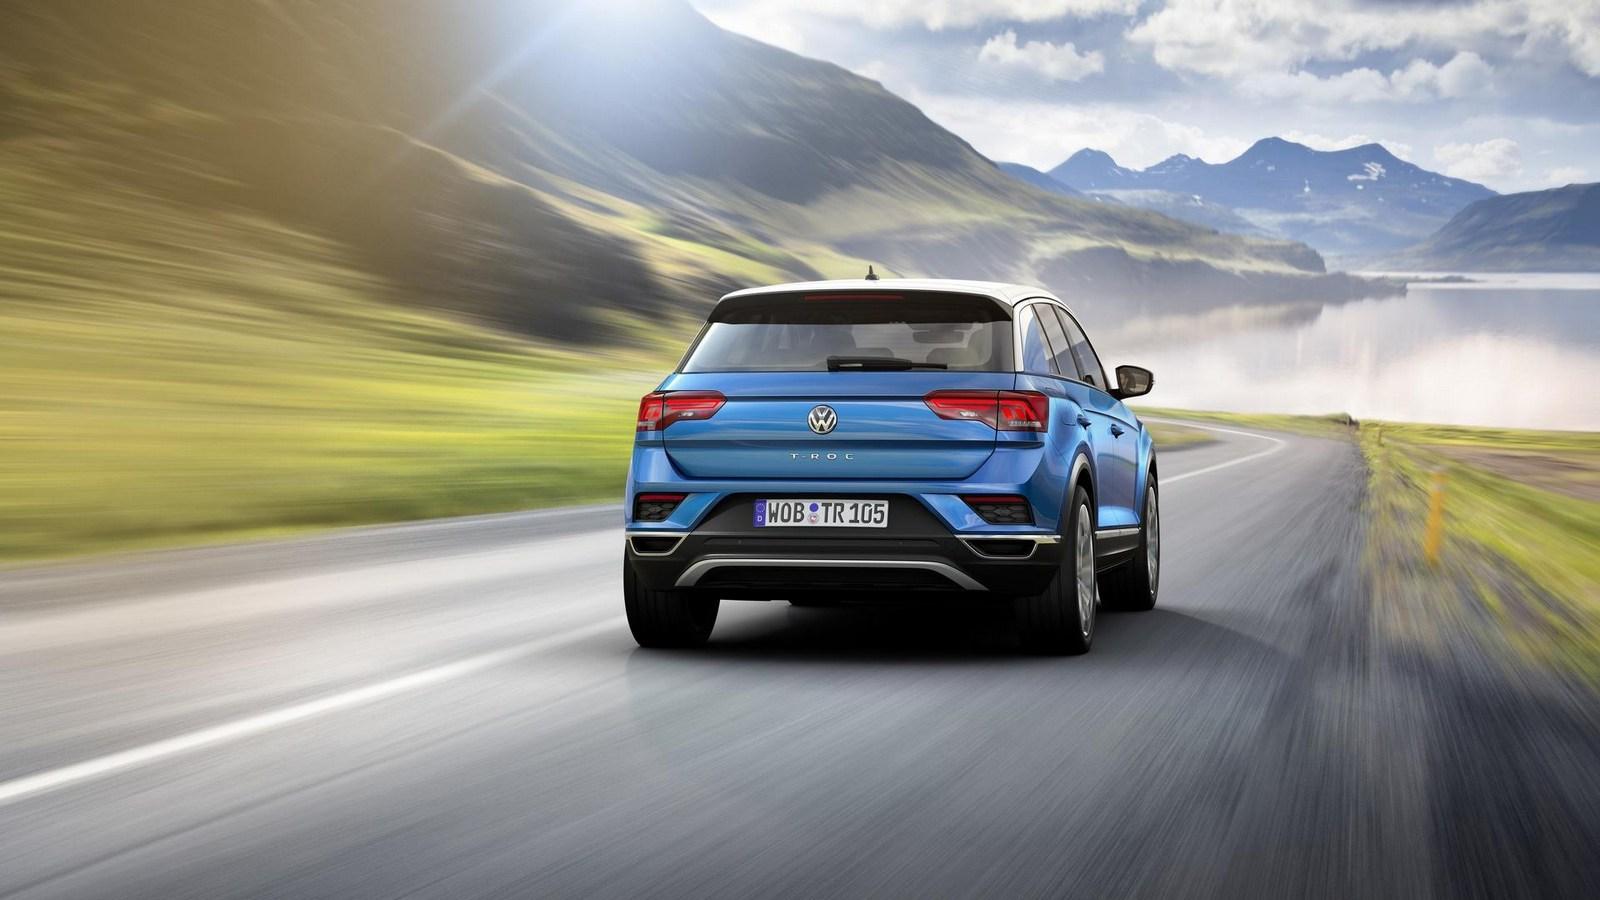 2018_Volkswagen_T-Roc_19